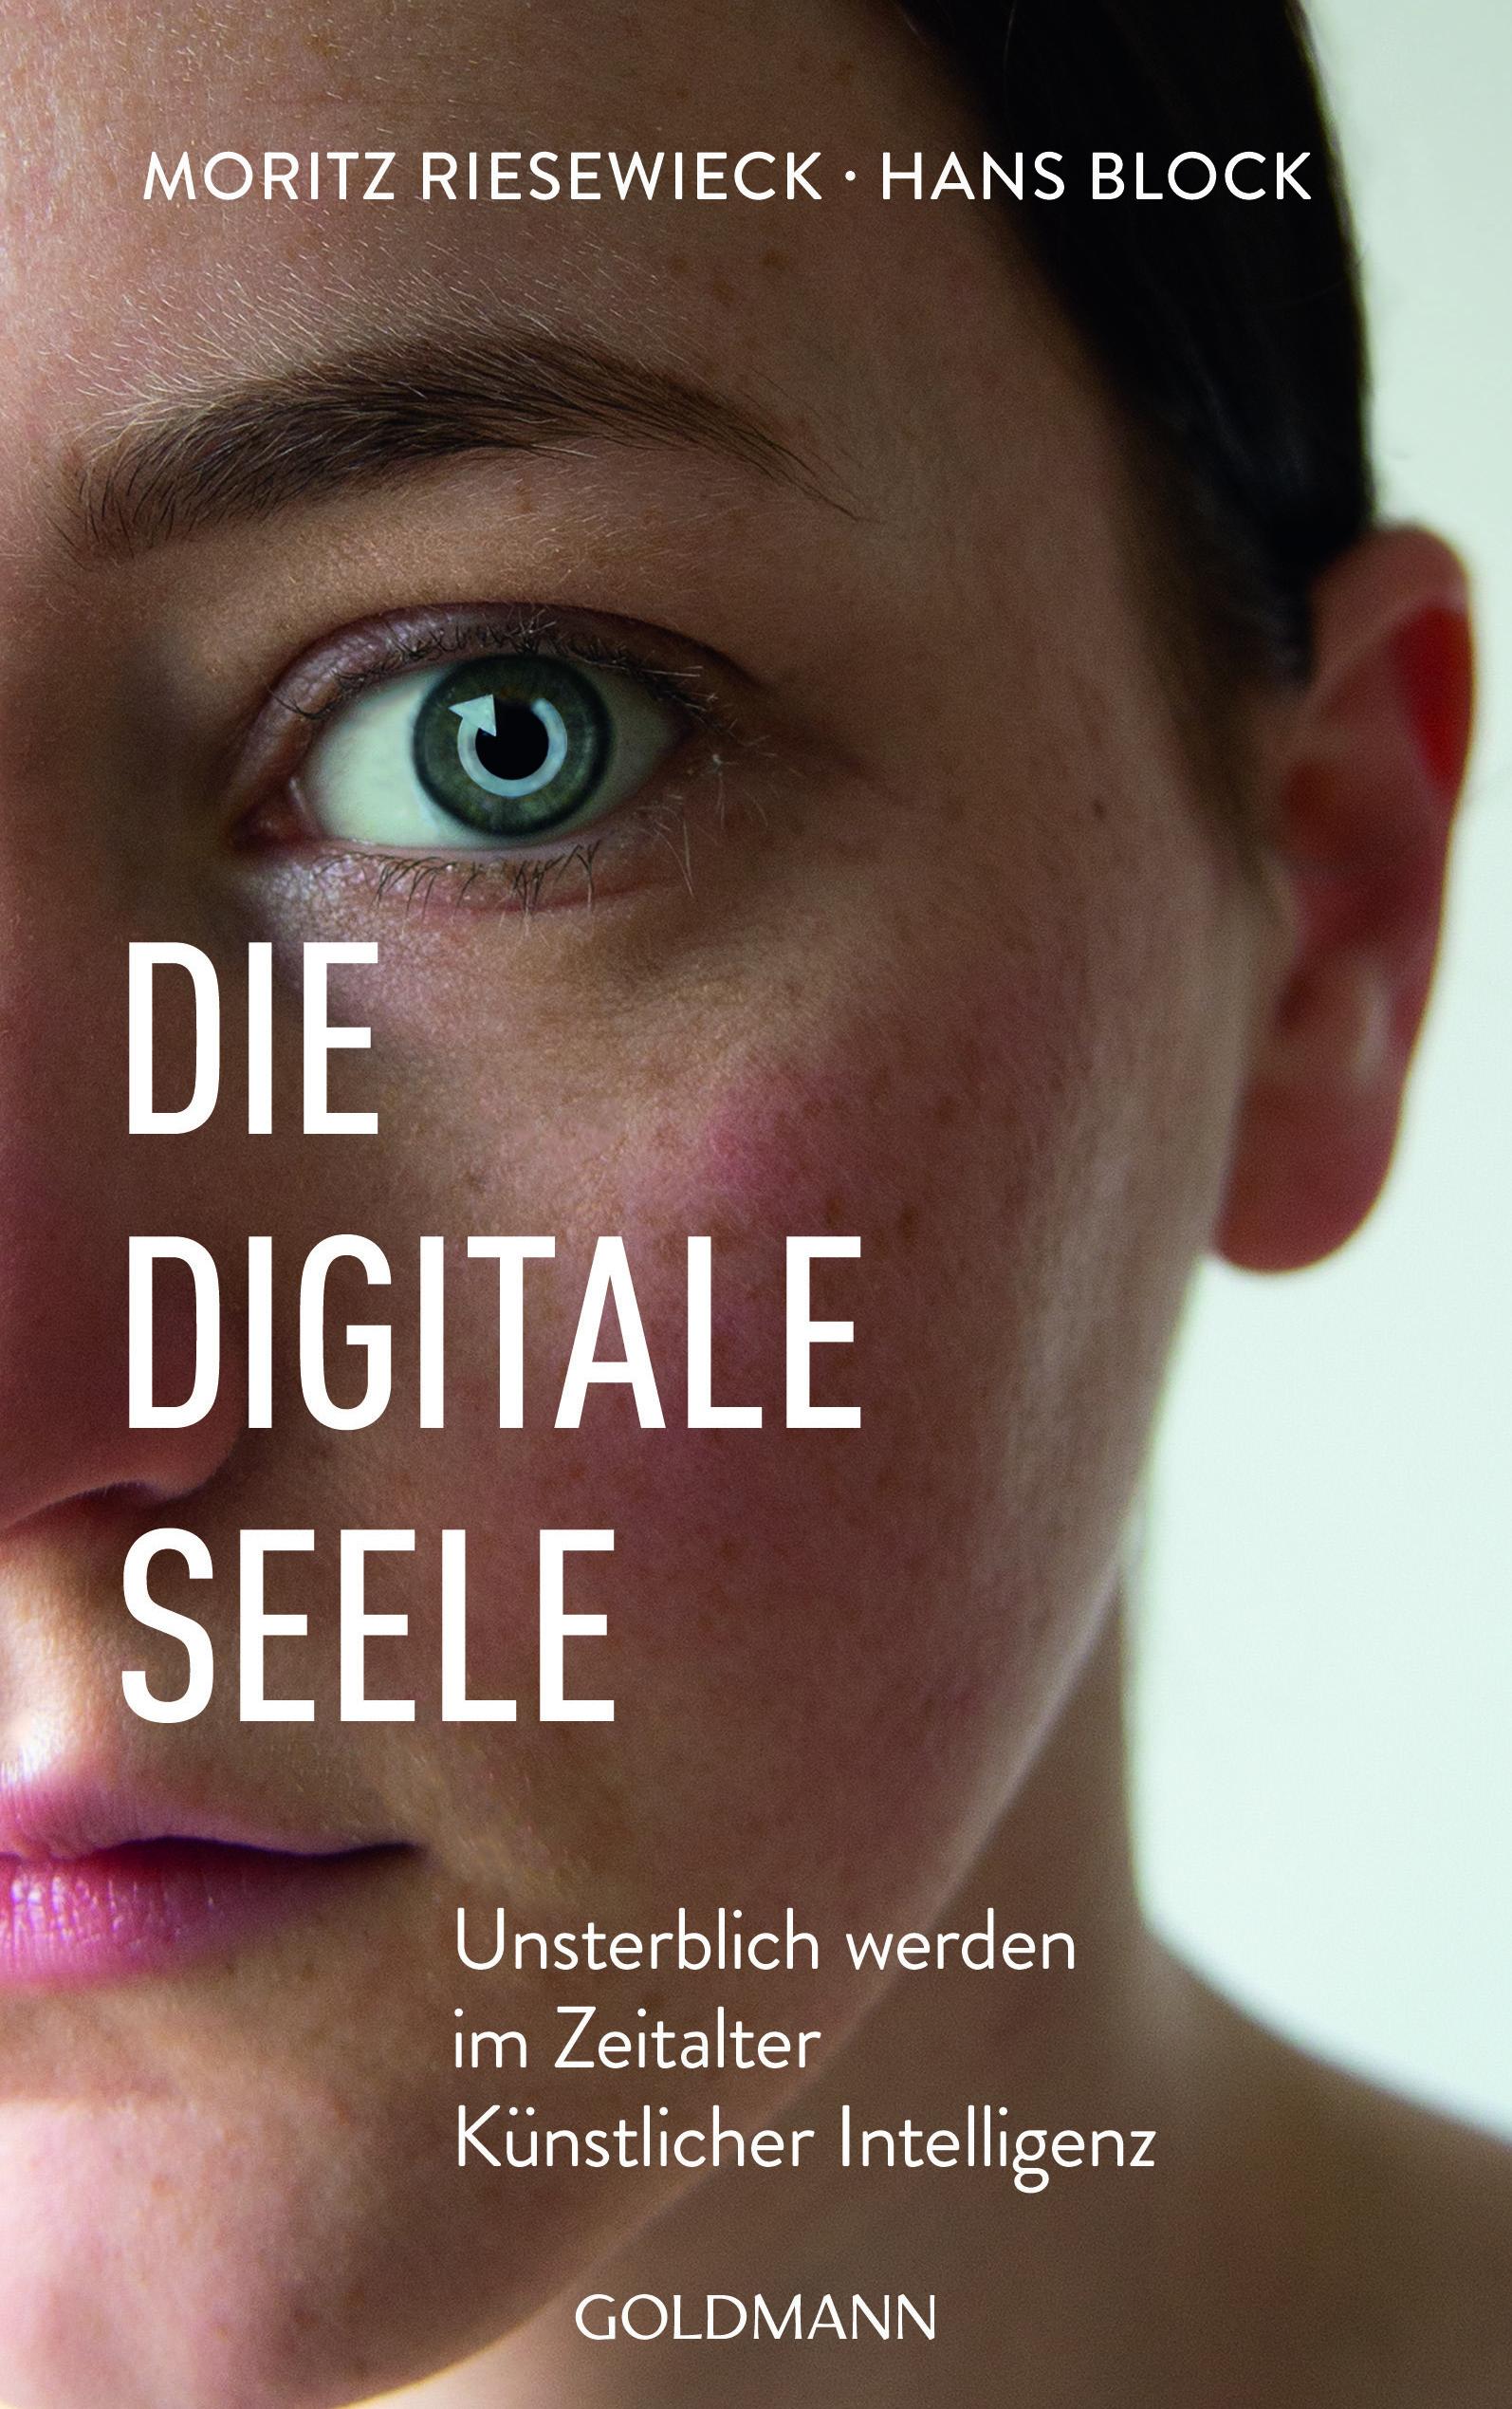 Die digitale Seele. Unsterblich werden im Zeitalter Künstlicher Intelligenz